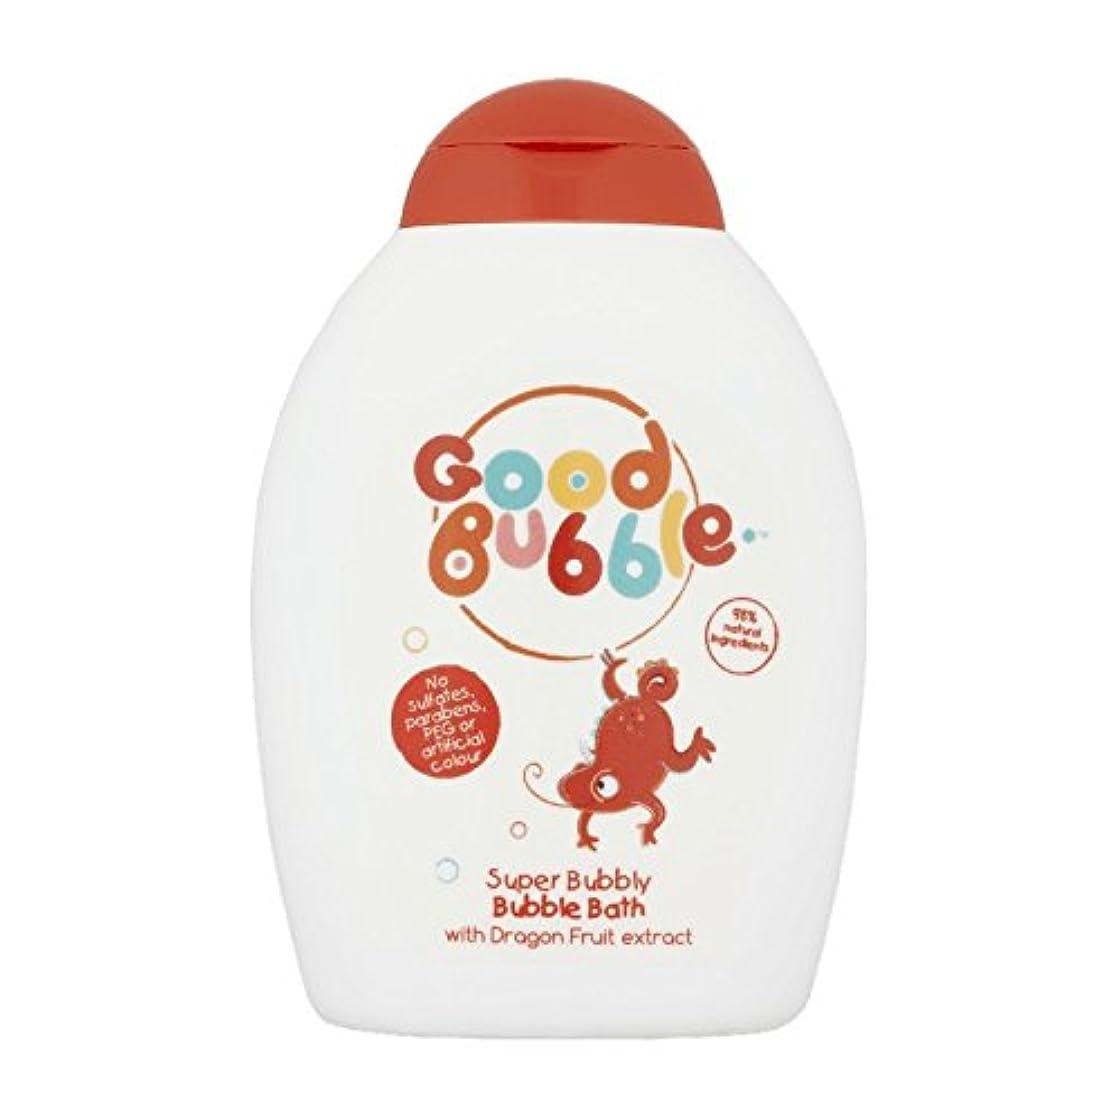 ガジュマル買う親愛なGood Bubble Dragon Fruit Bubble Bath 400ml (Pack of 2) - 良いバブルドラゴンフルーツバブルバス400ミリリットル (x2) [並行輸入品]